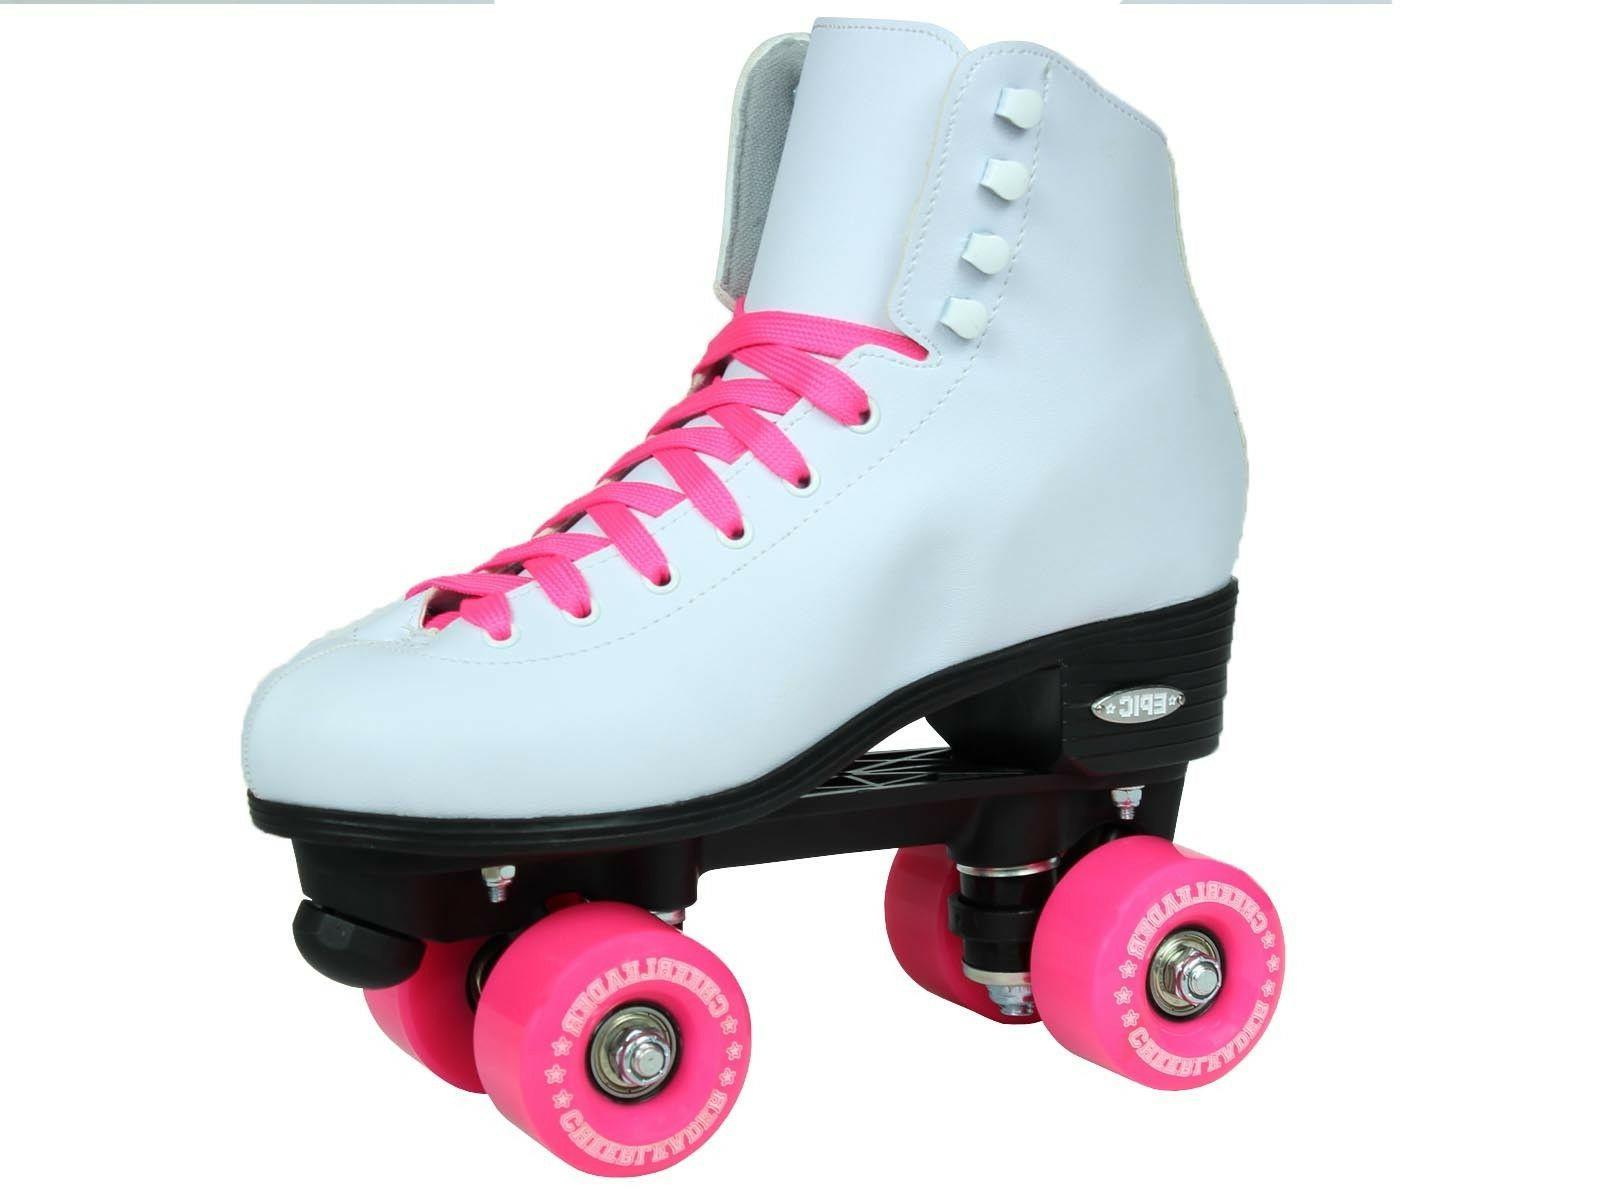 Epic White & Skates